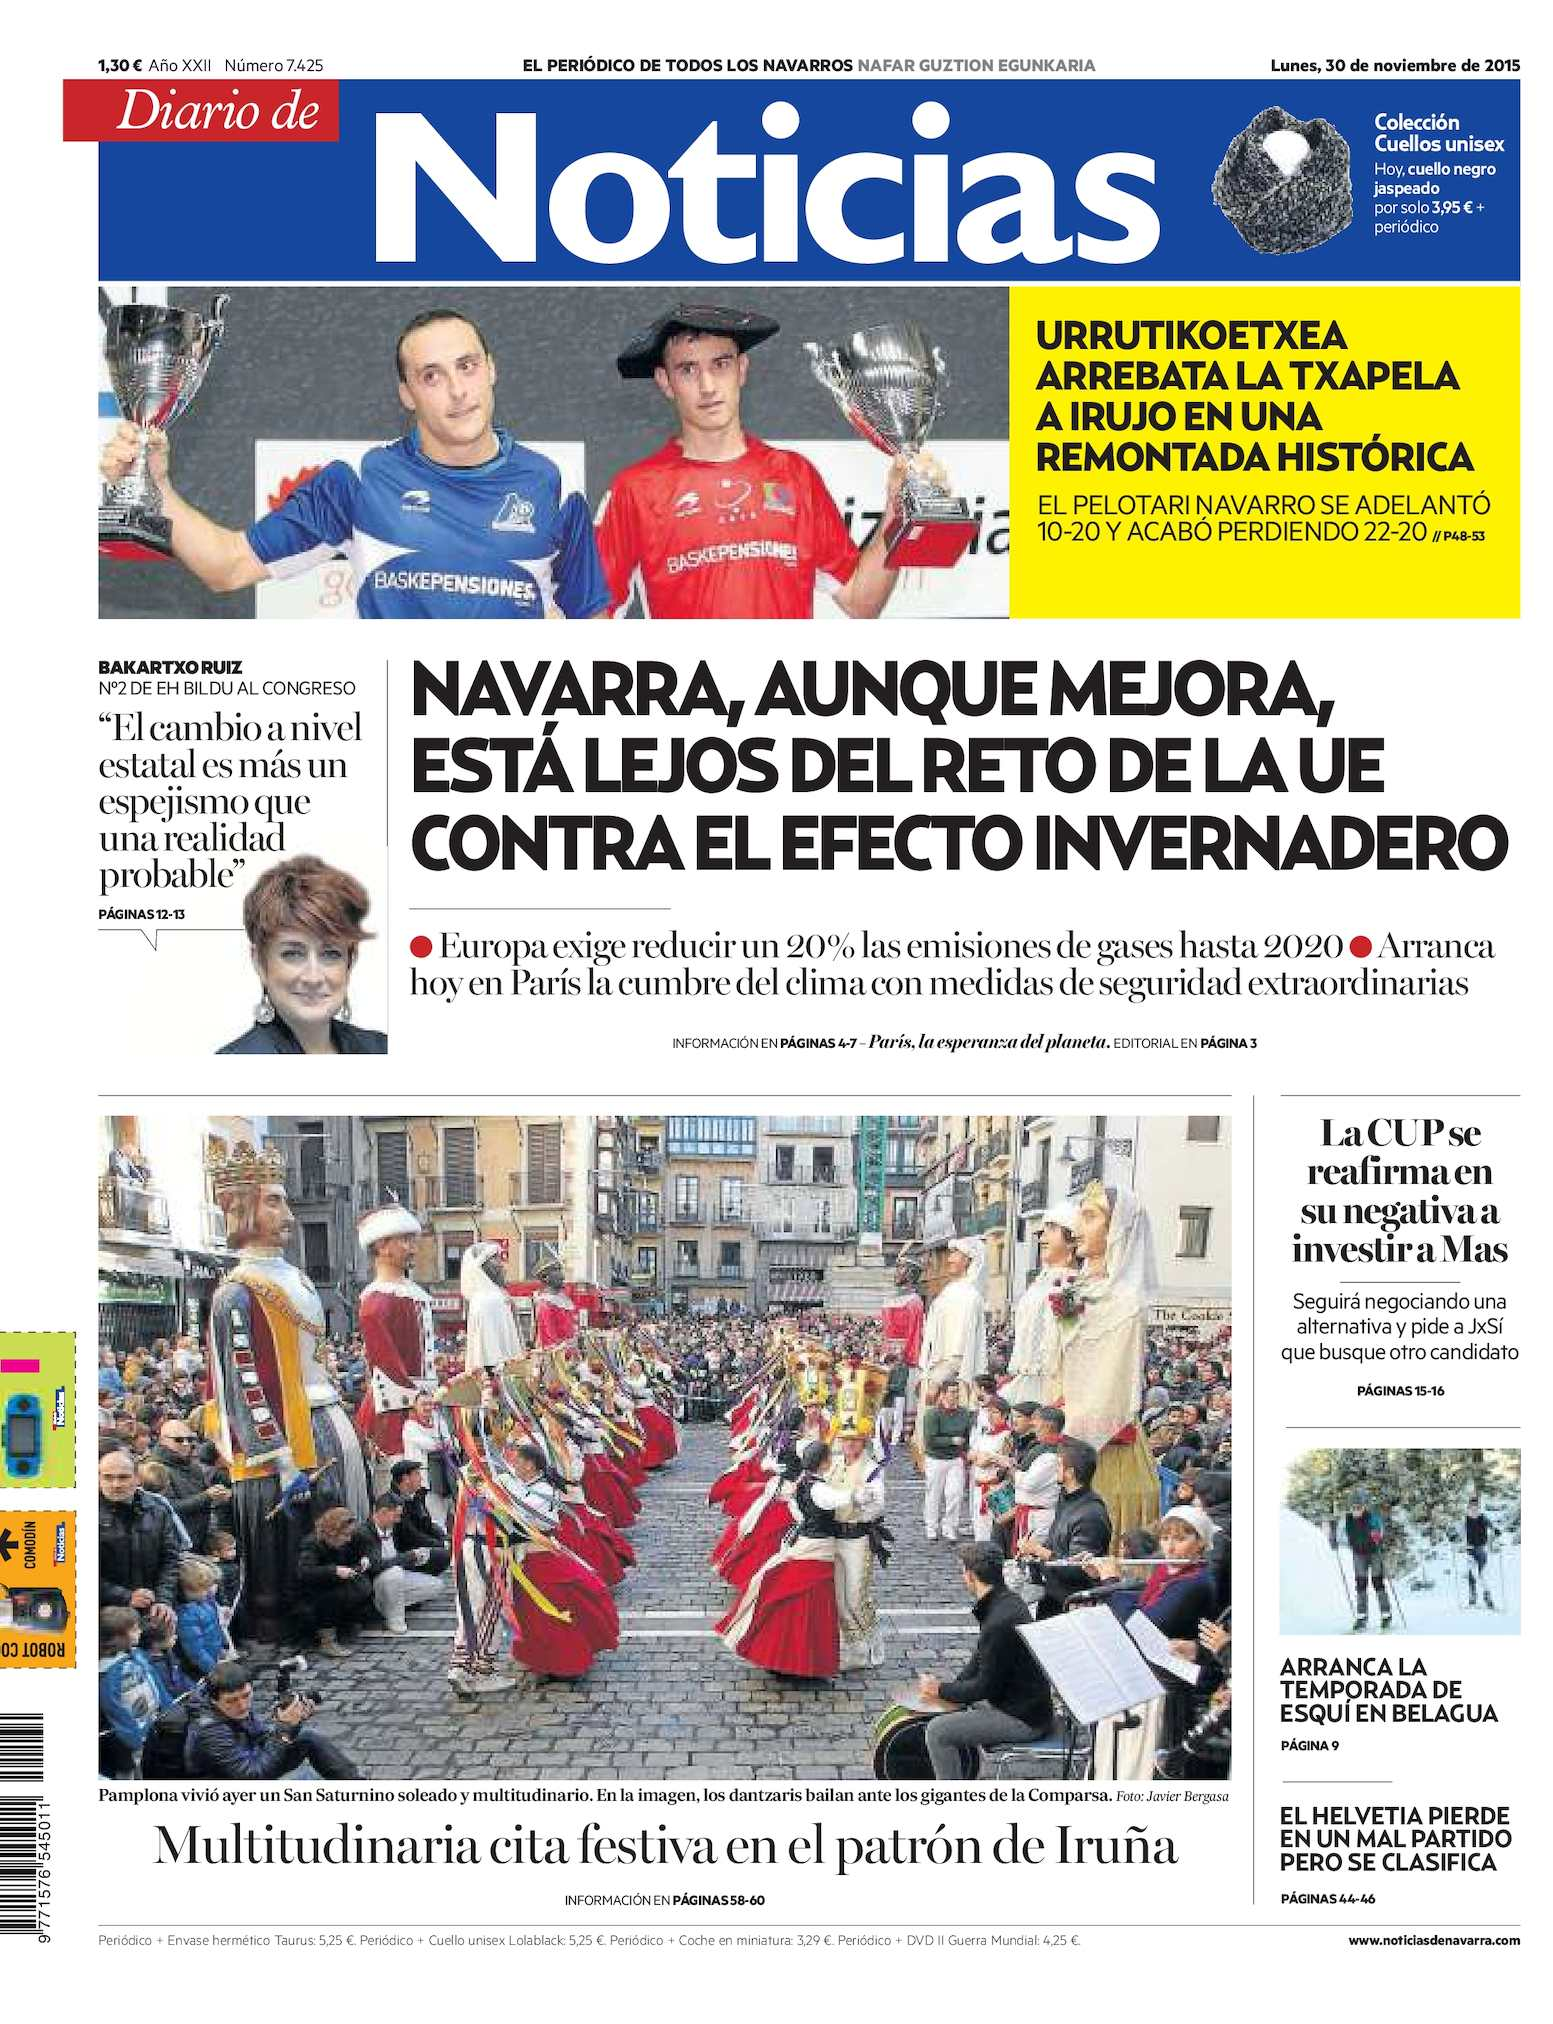 5dd776a4e Calaméo - Diario de Noticias 20151130